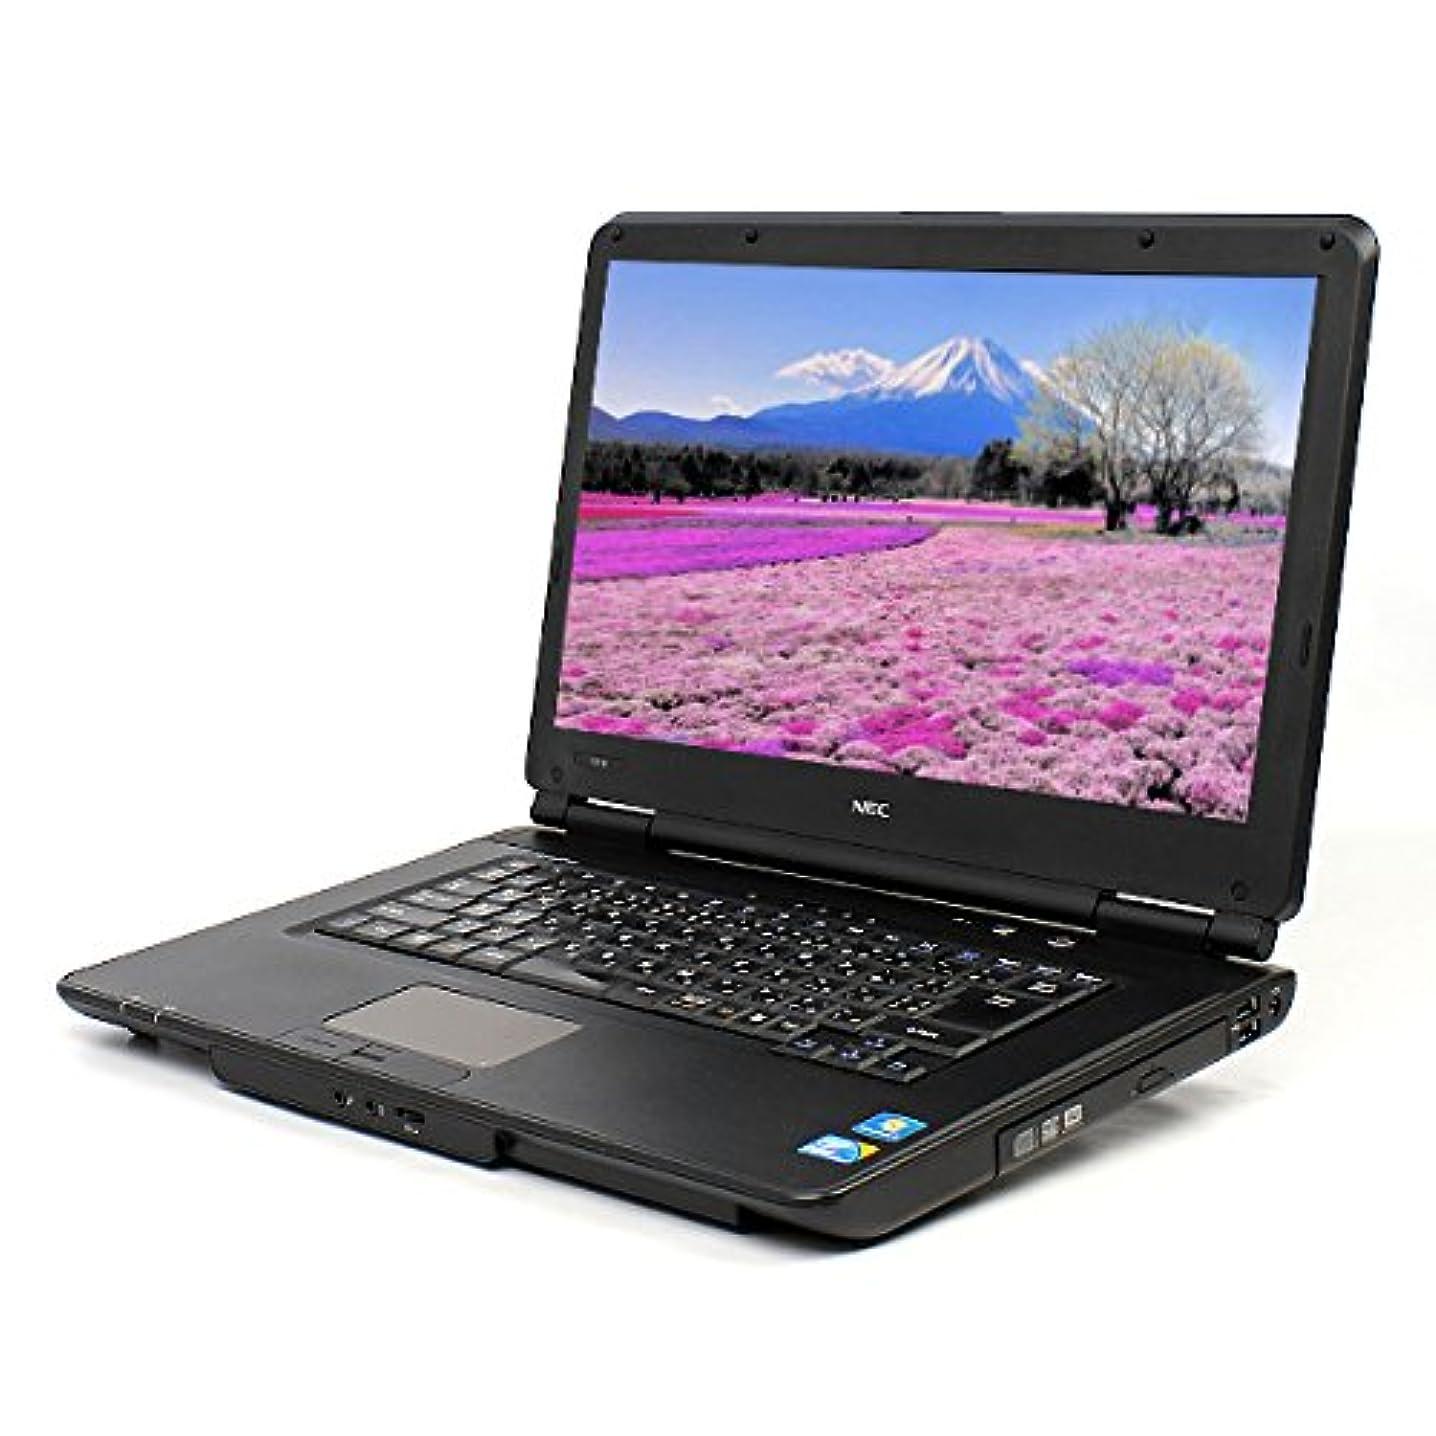 繰り返す特権的狂人中古 ノートパソコン 無線LANあり キングソフト Office2013付 Windows7Pro 64bit 超速CPU Corei3 2.26GHz ワイド大画面 NEC Versapro シリーズ (メモリ4GB/HDD320GB/DVDROM)